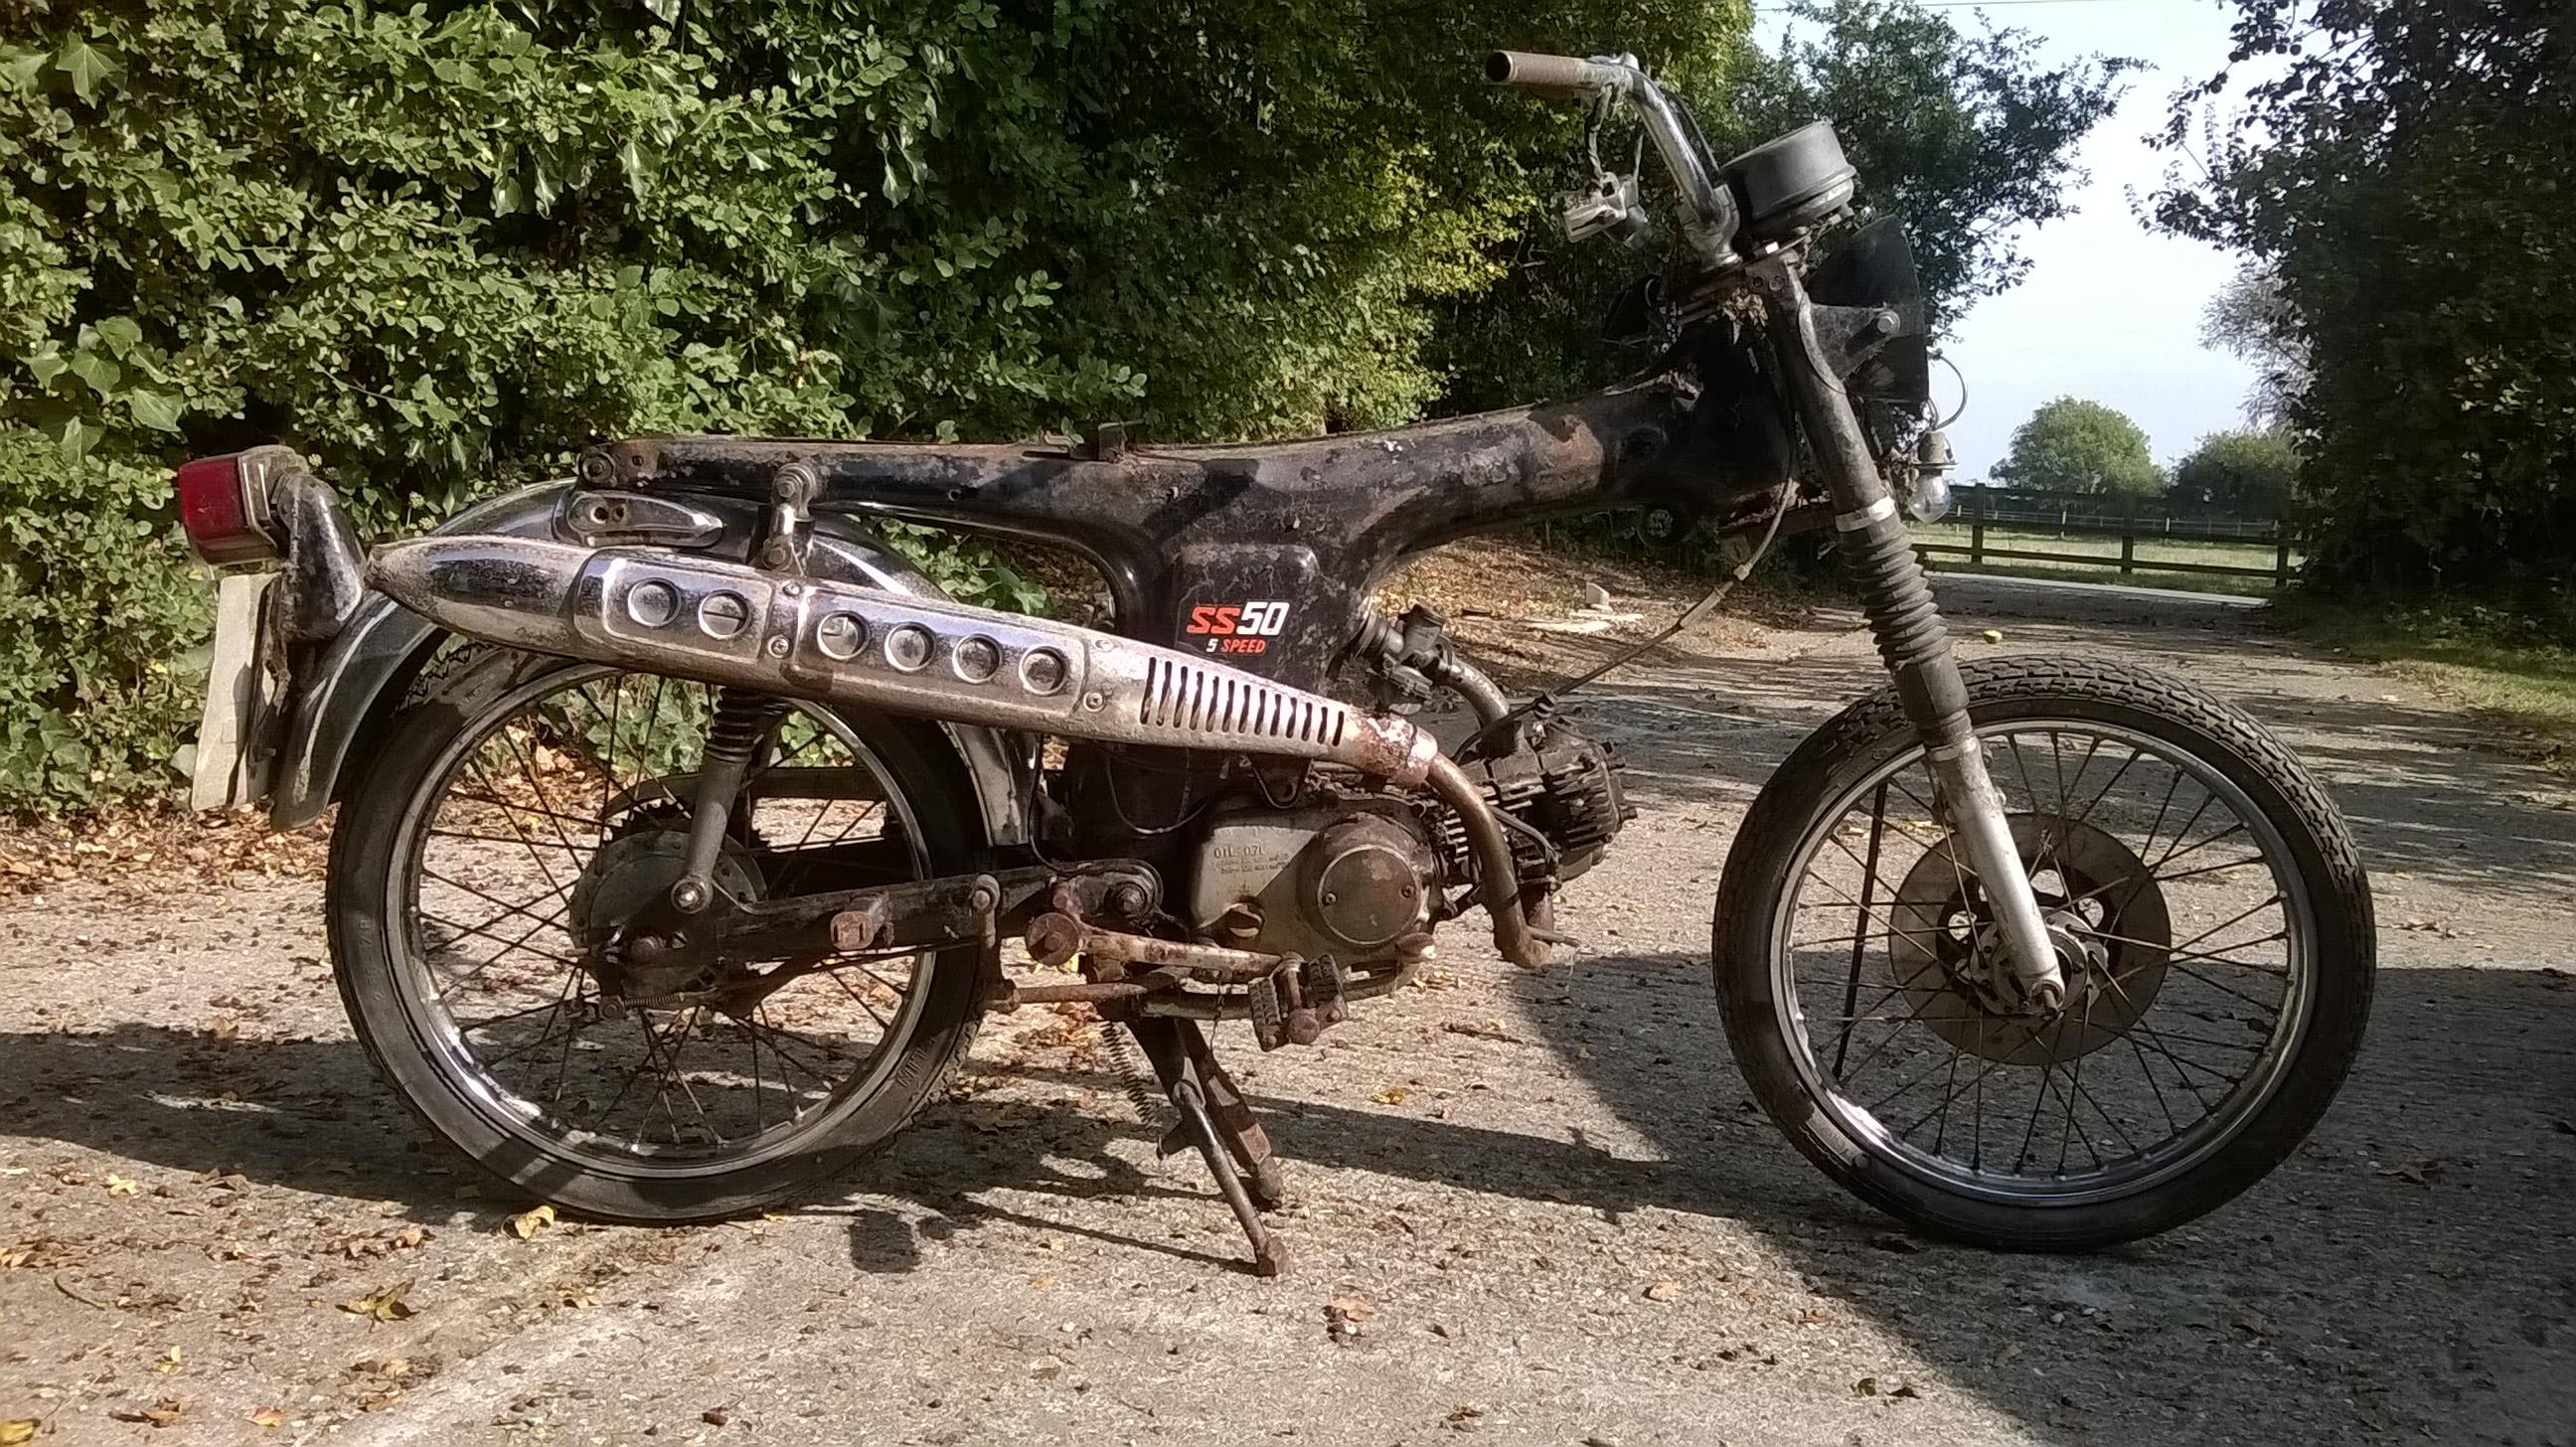 Honda SS50 Before